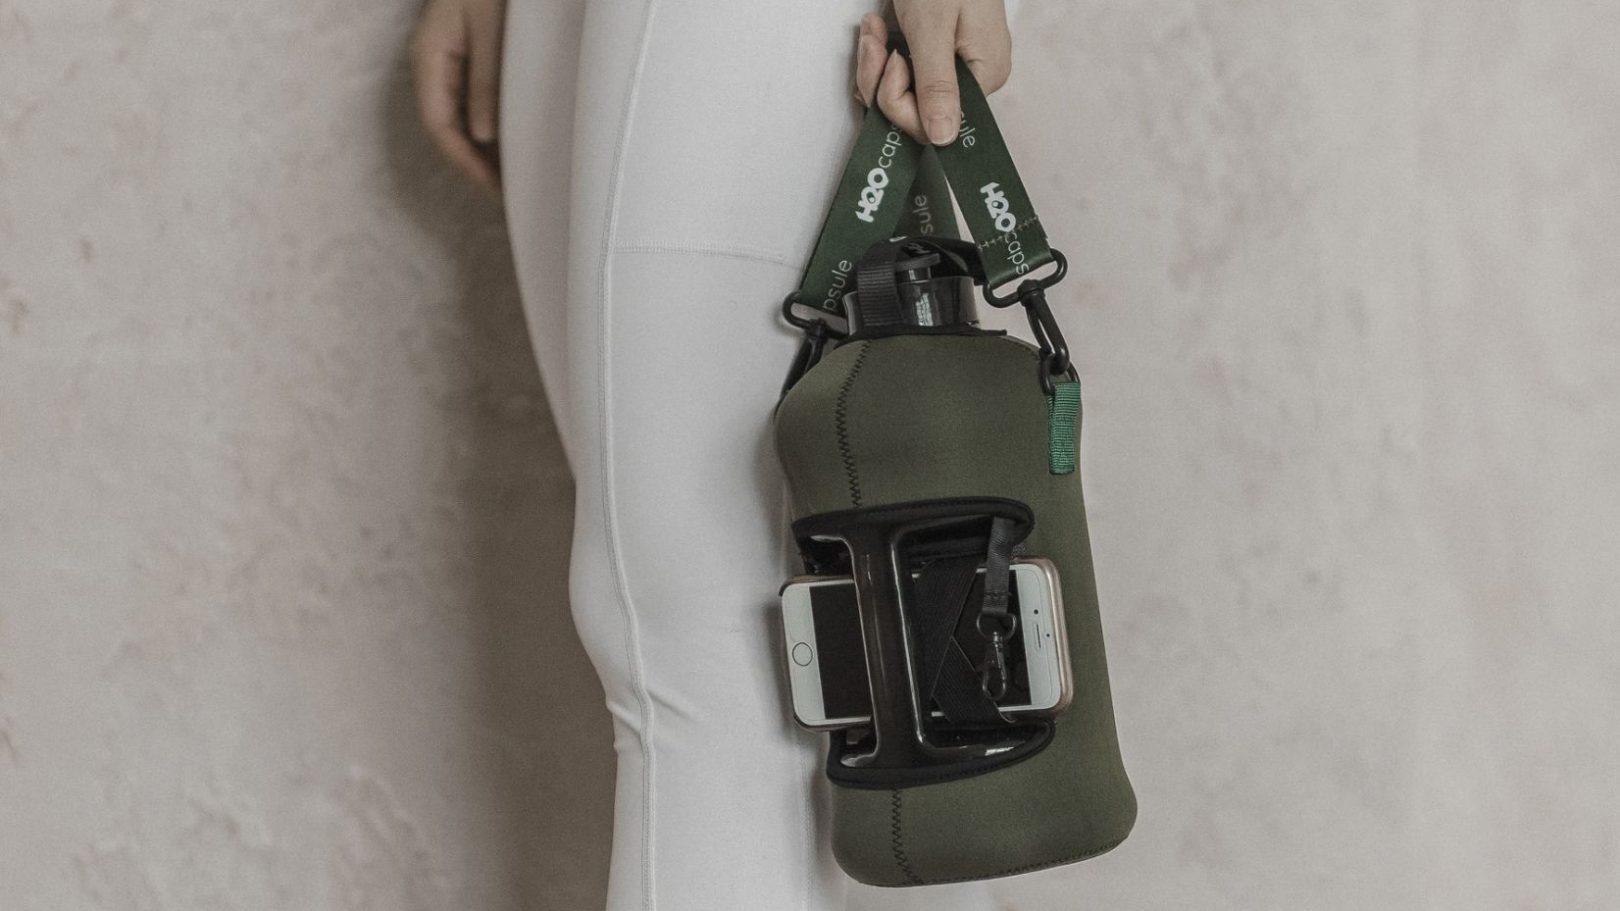 H20 Capsule Water Bottle